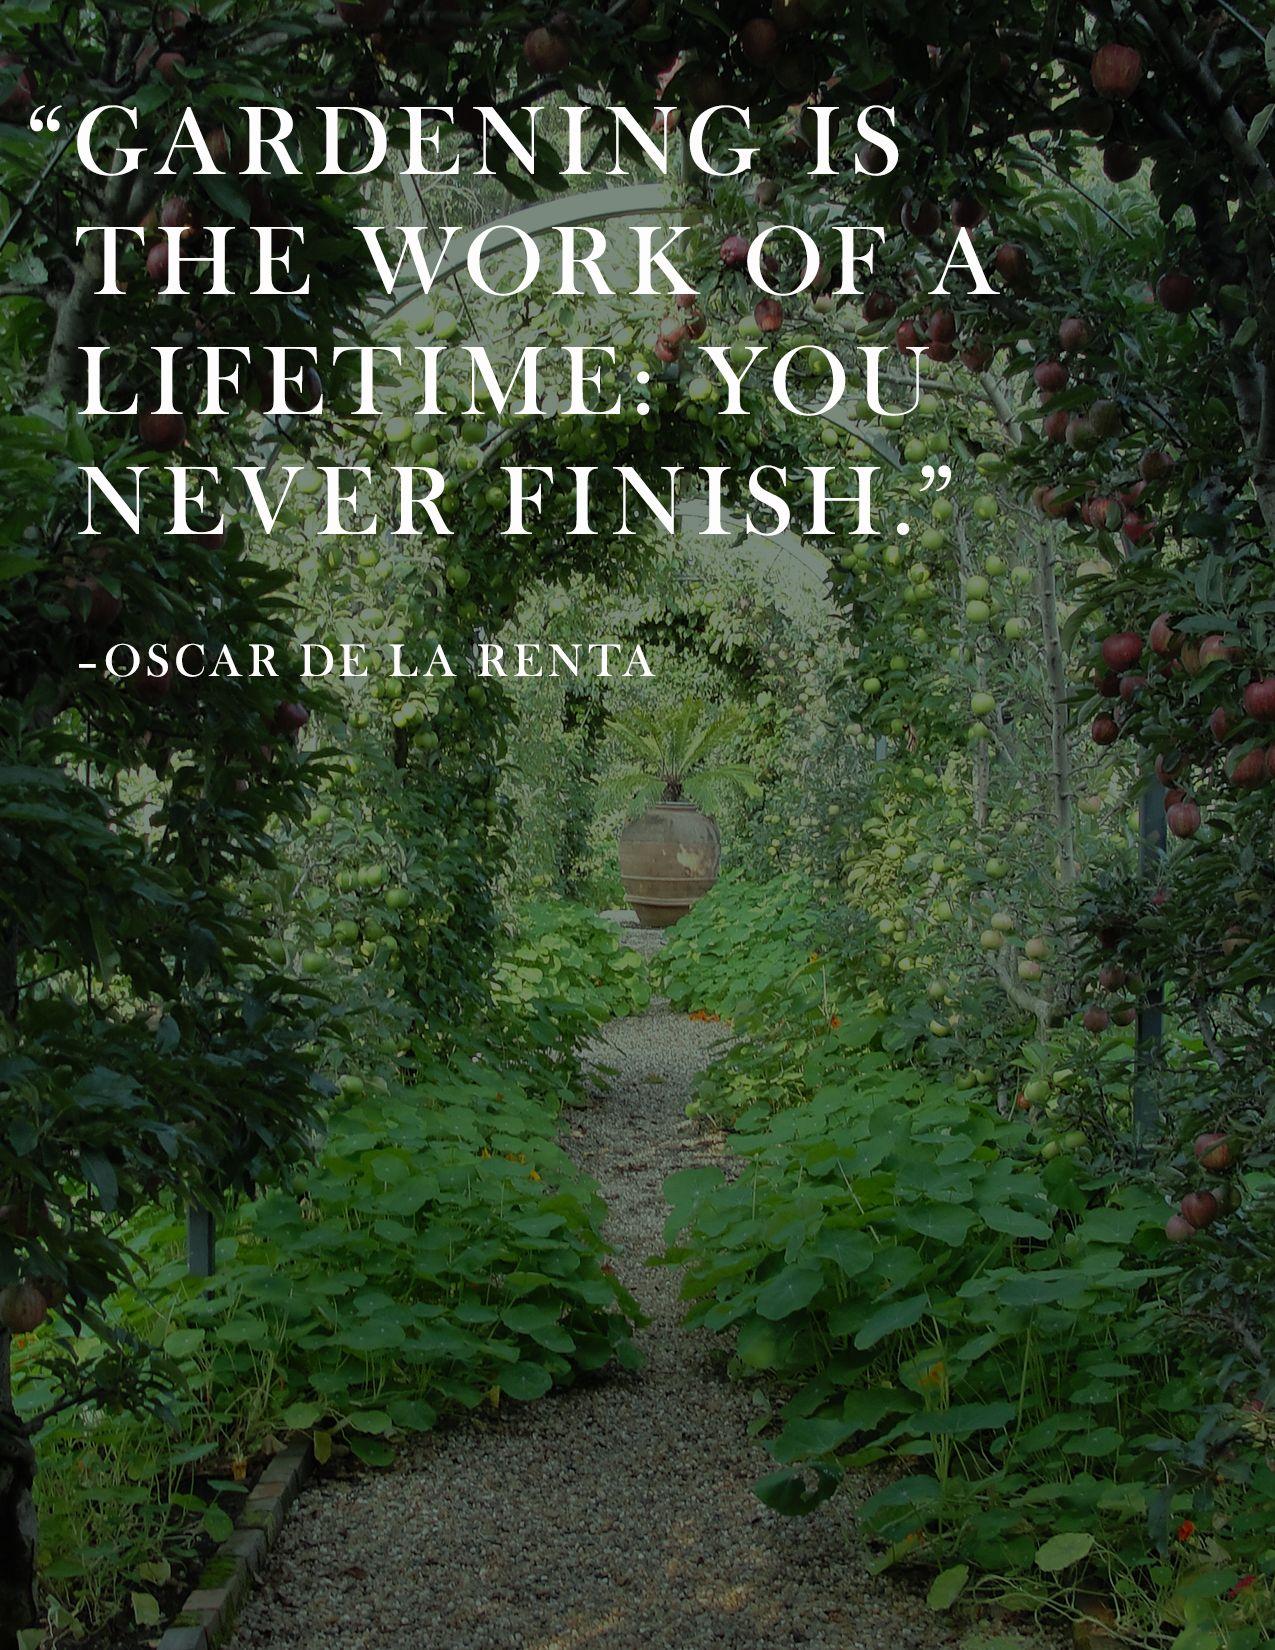 Famous Garden Quotes Pinterest thumbnail